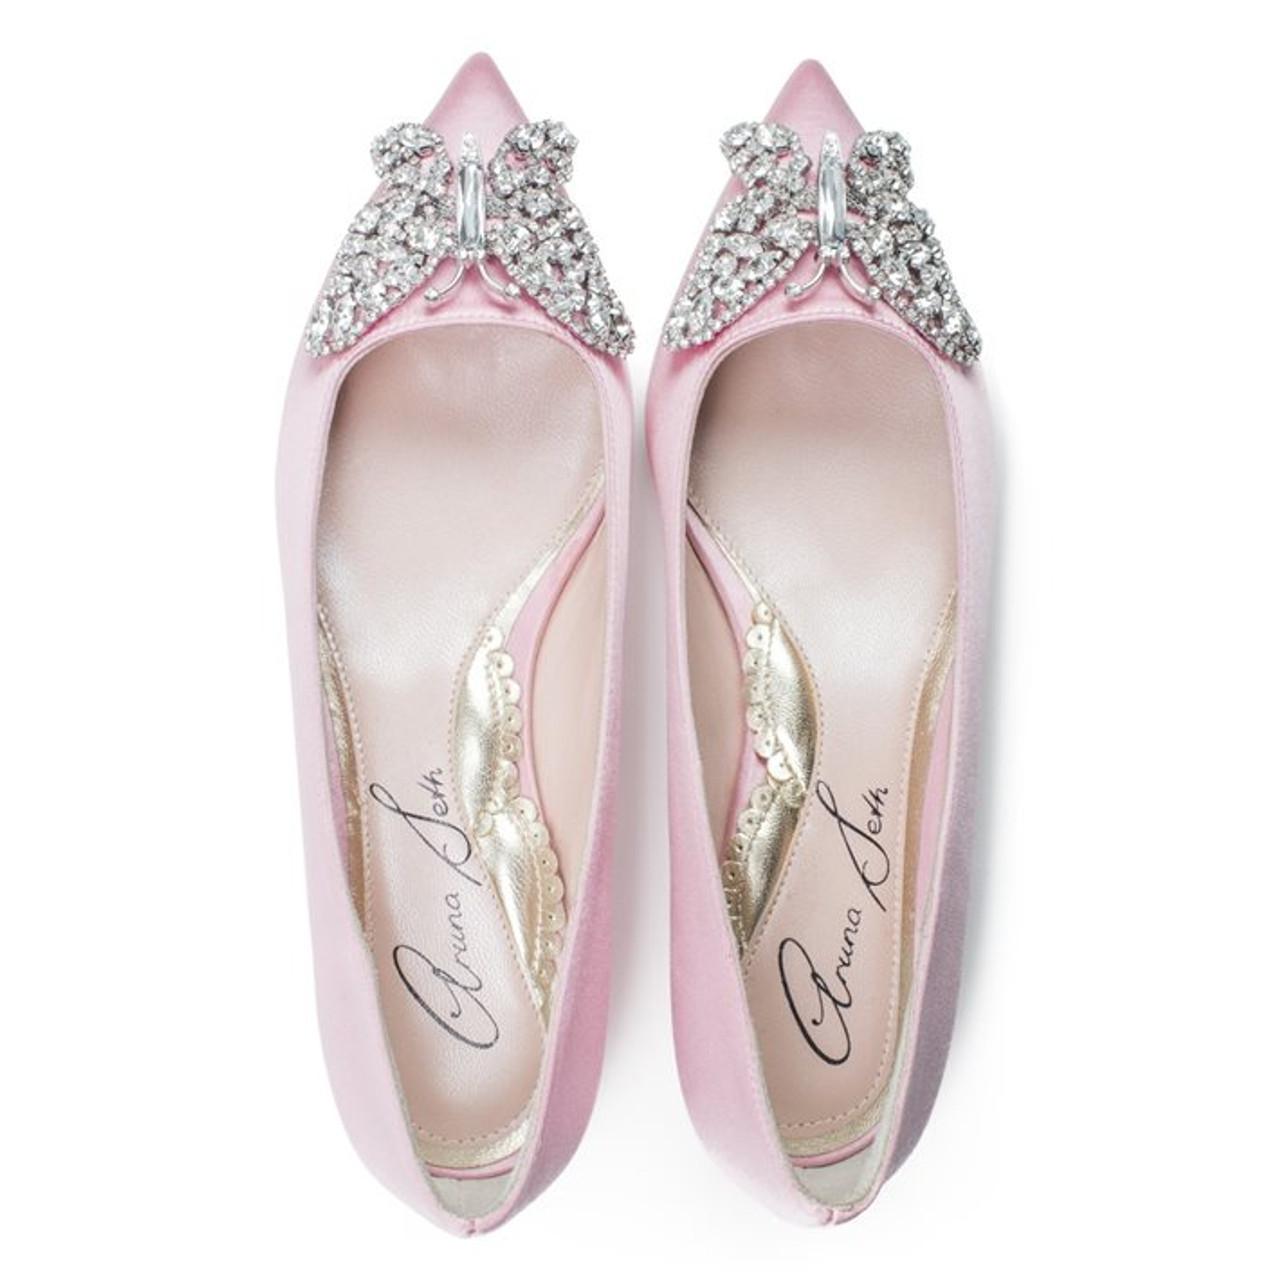 Eliana Ballerina Flat Pointy Baby Pink Satin